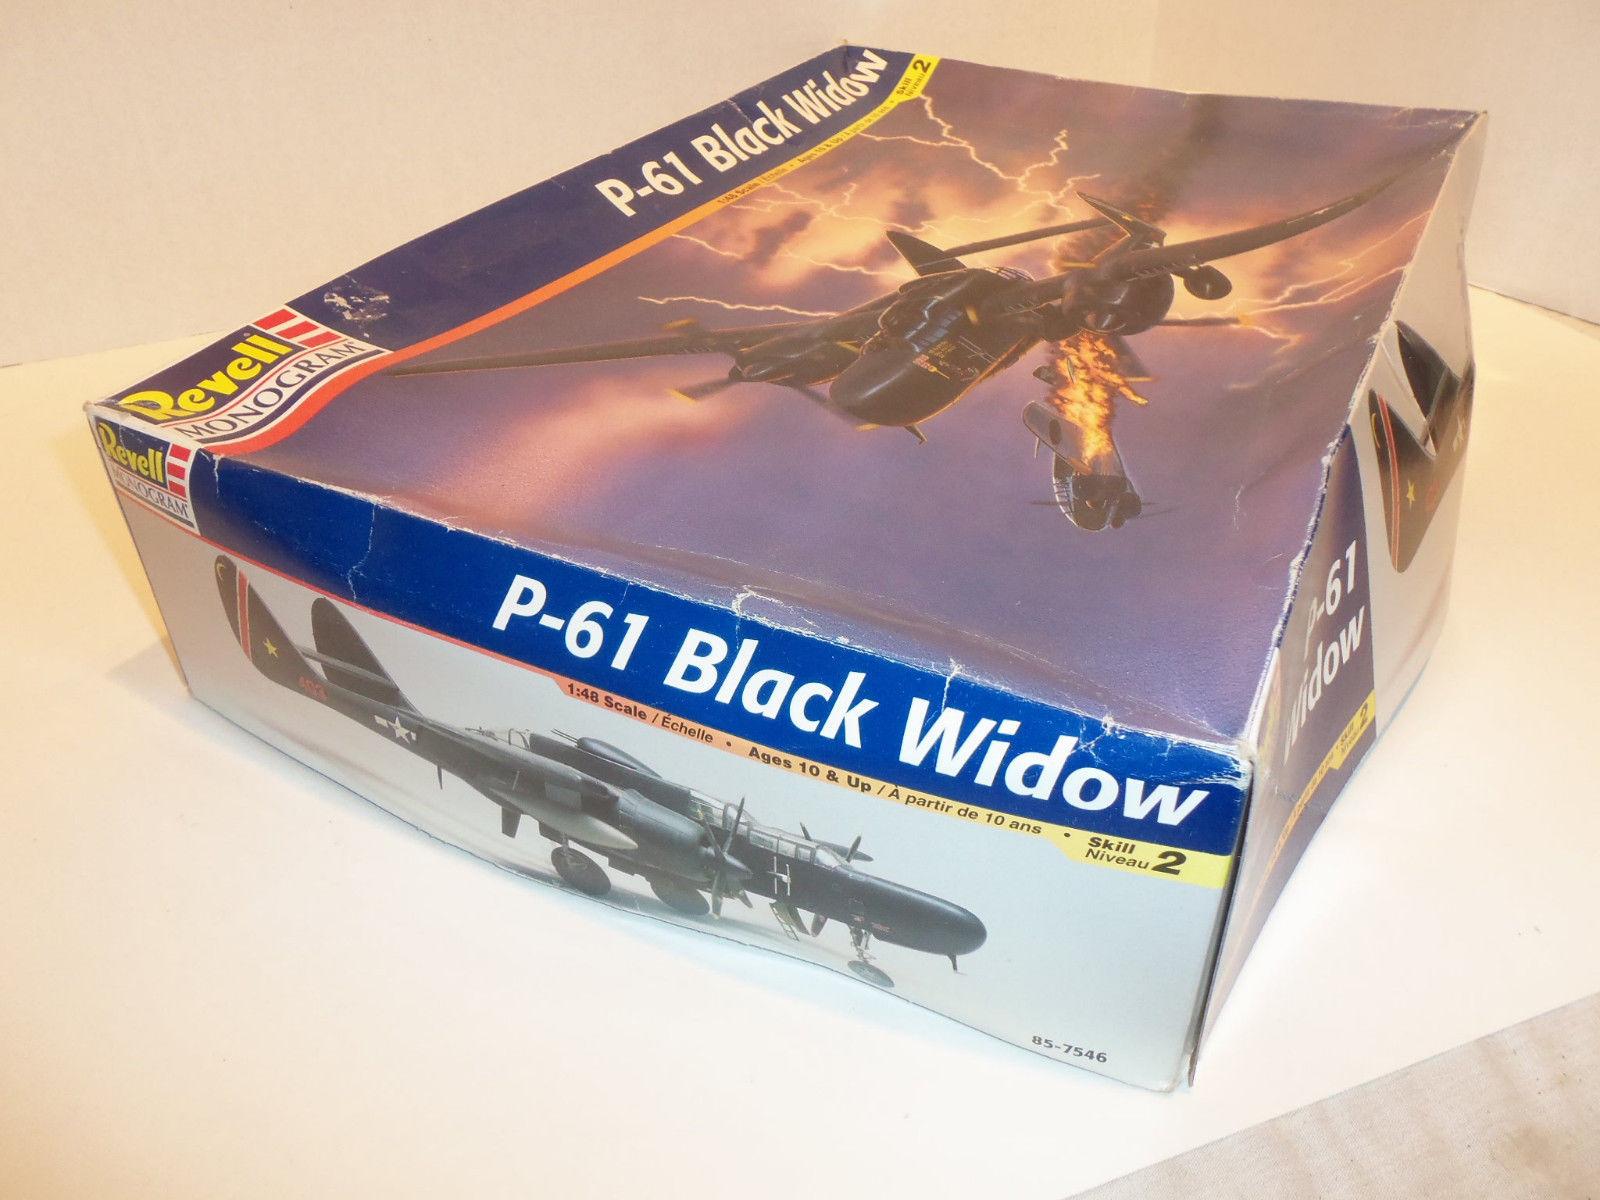 Vintage Revell Monogram 85-7546 NORTHROP P-61 Black Widow 1/48 Scale Model Kit